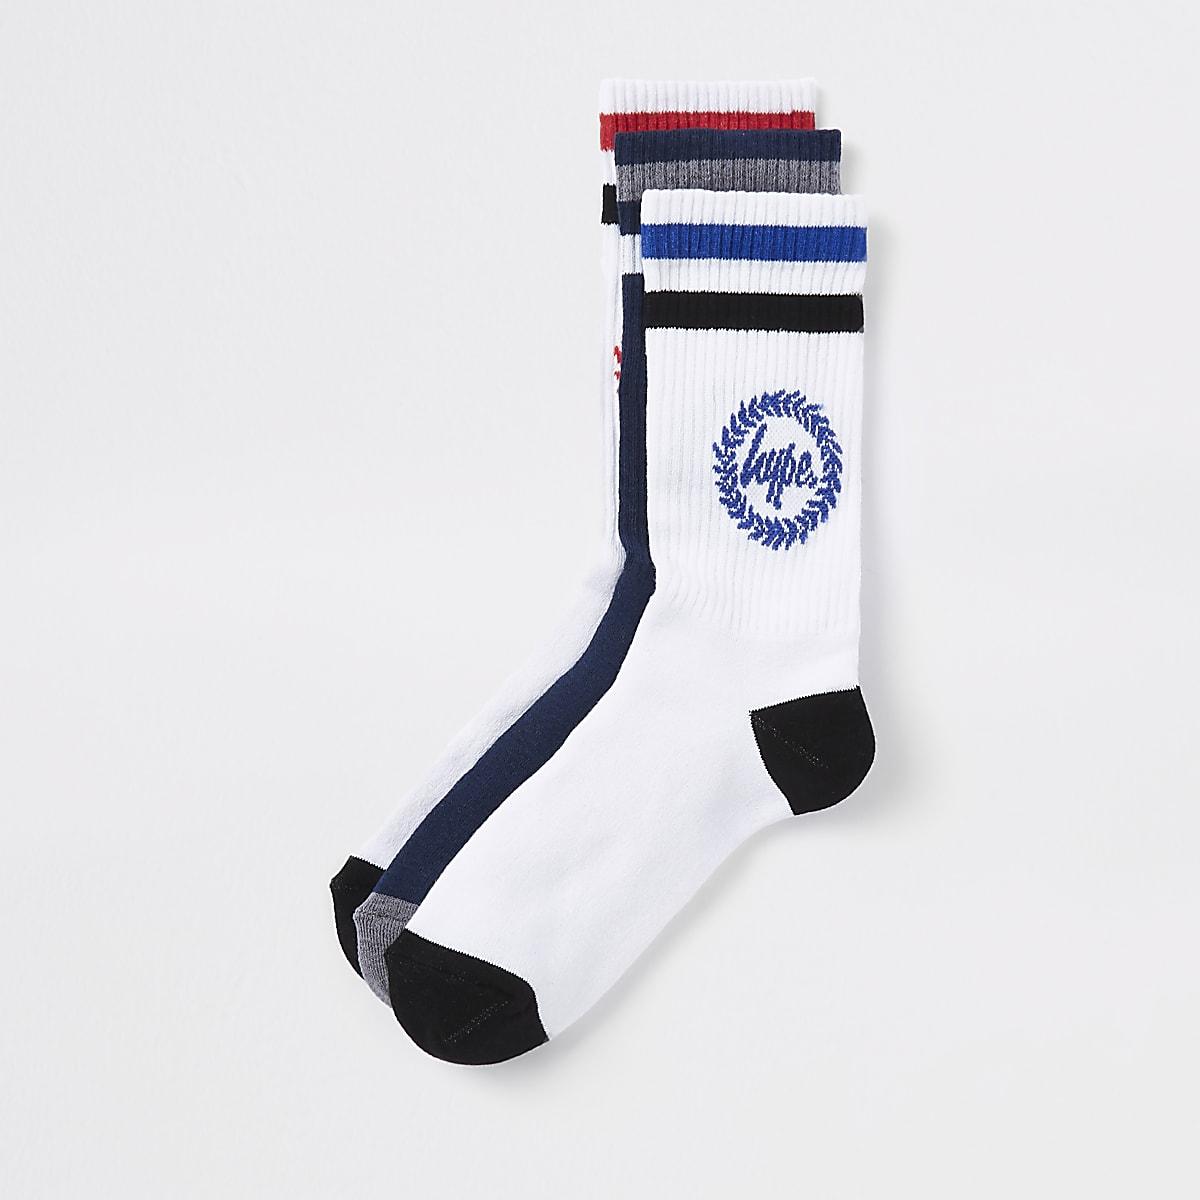 Hype navy crest print socks 3 pack